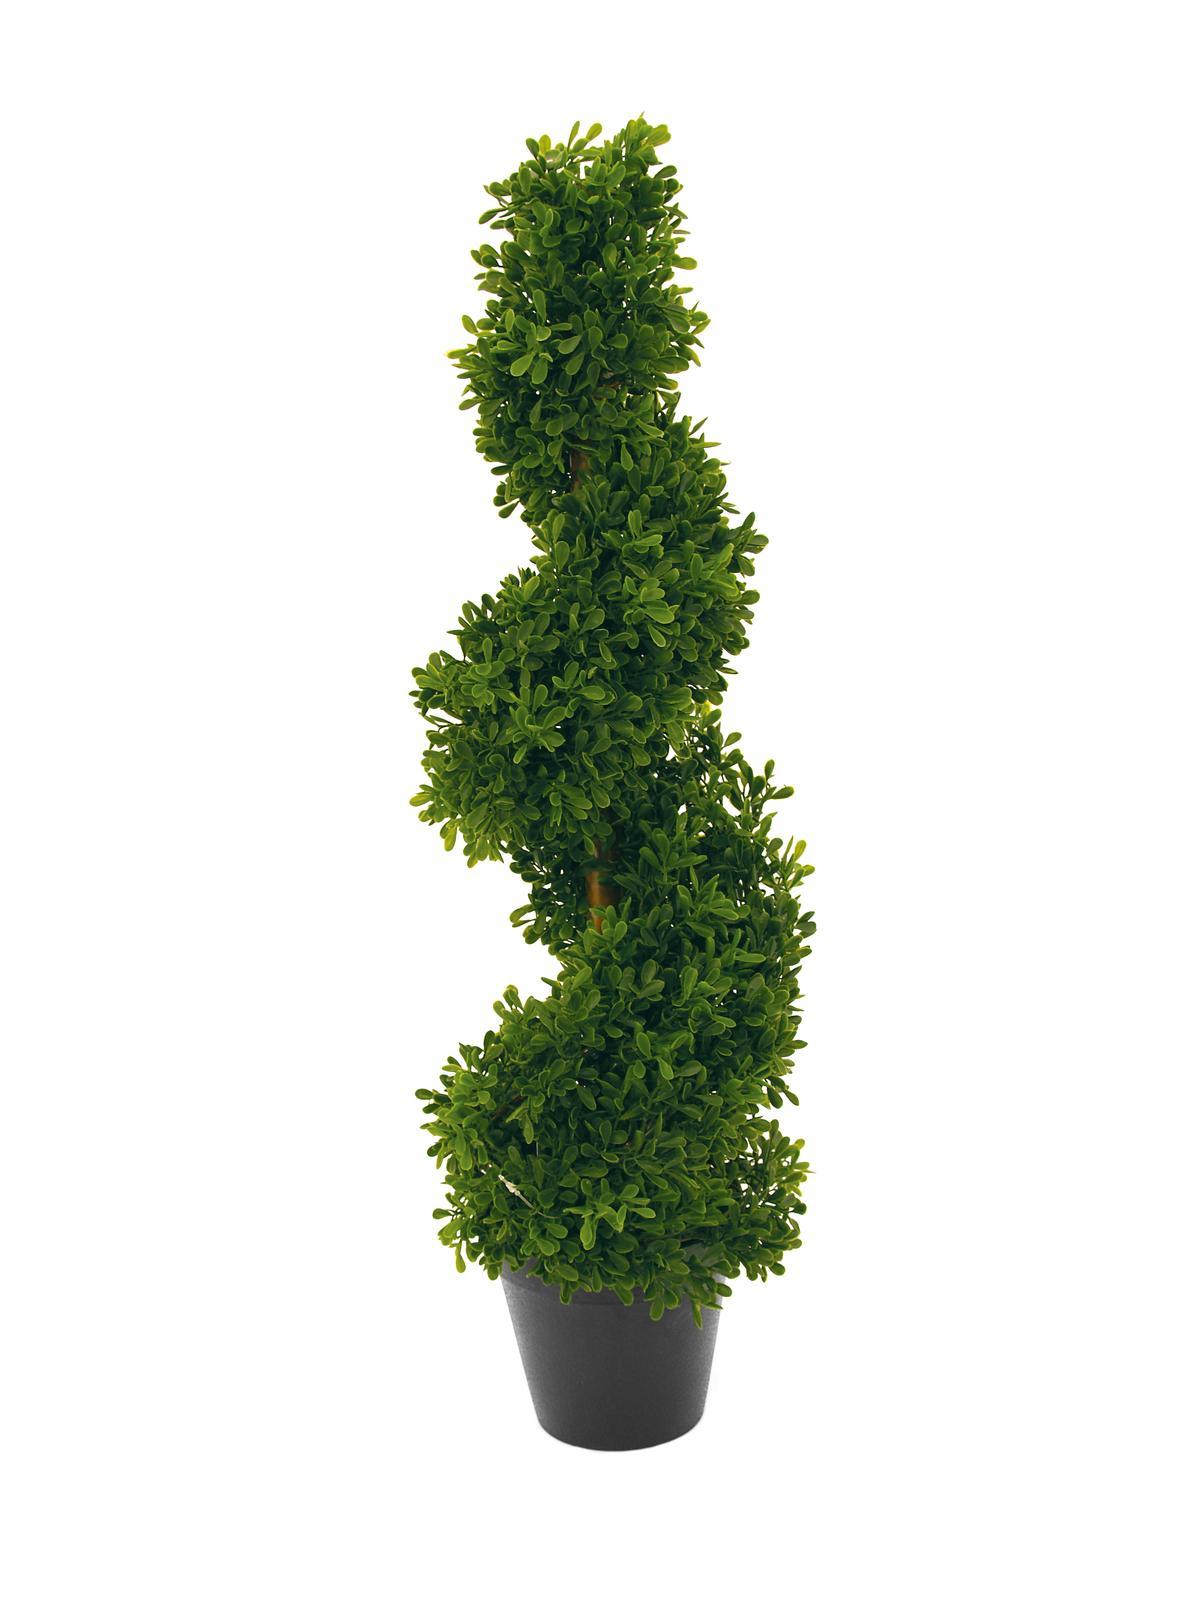 europalms-spiralbaum-61cm-kunststoffpflanze